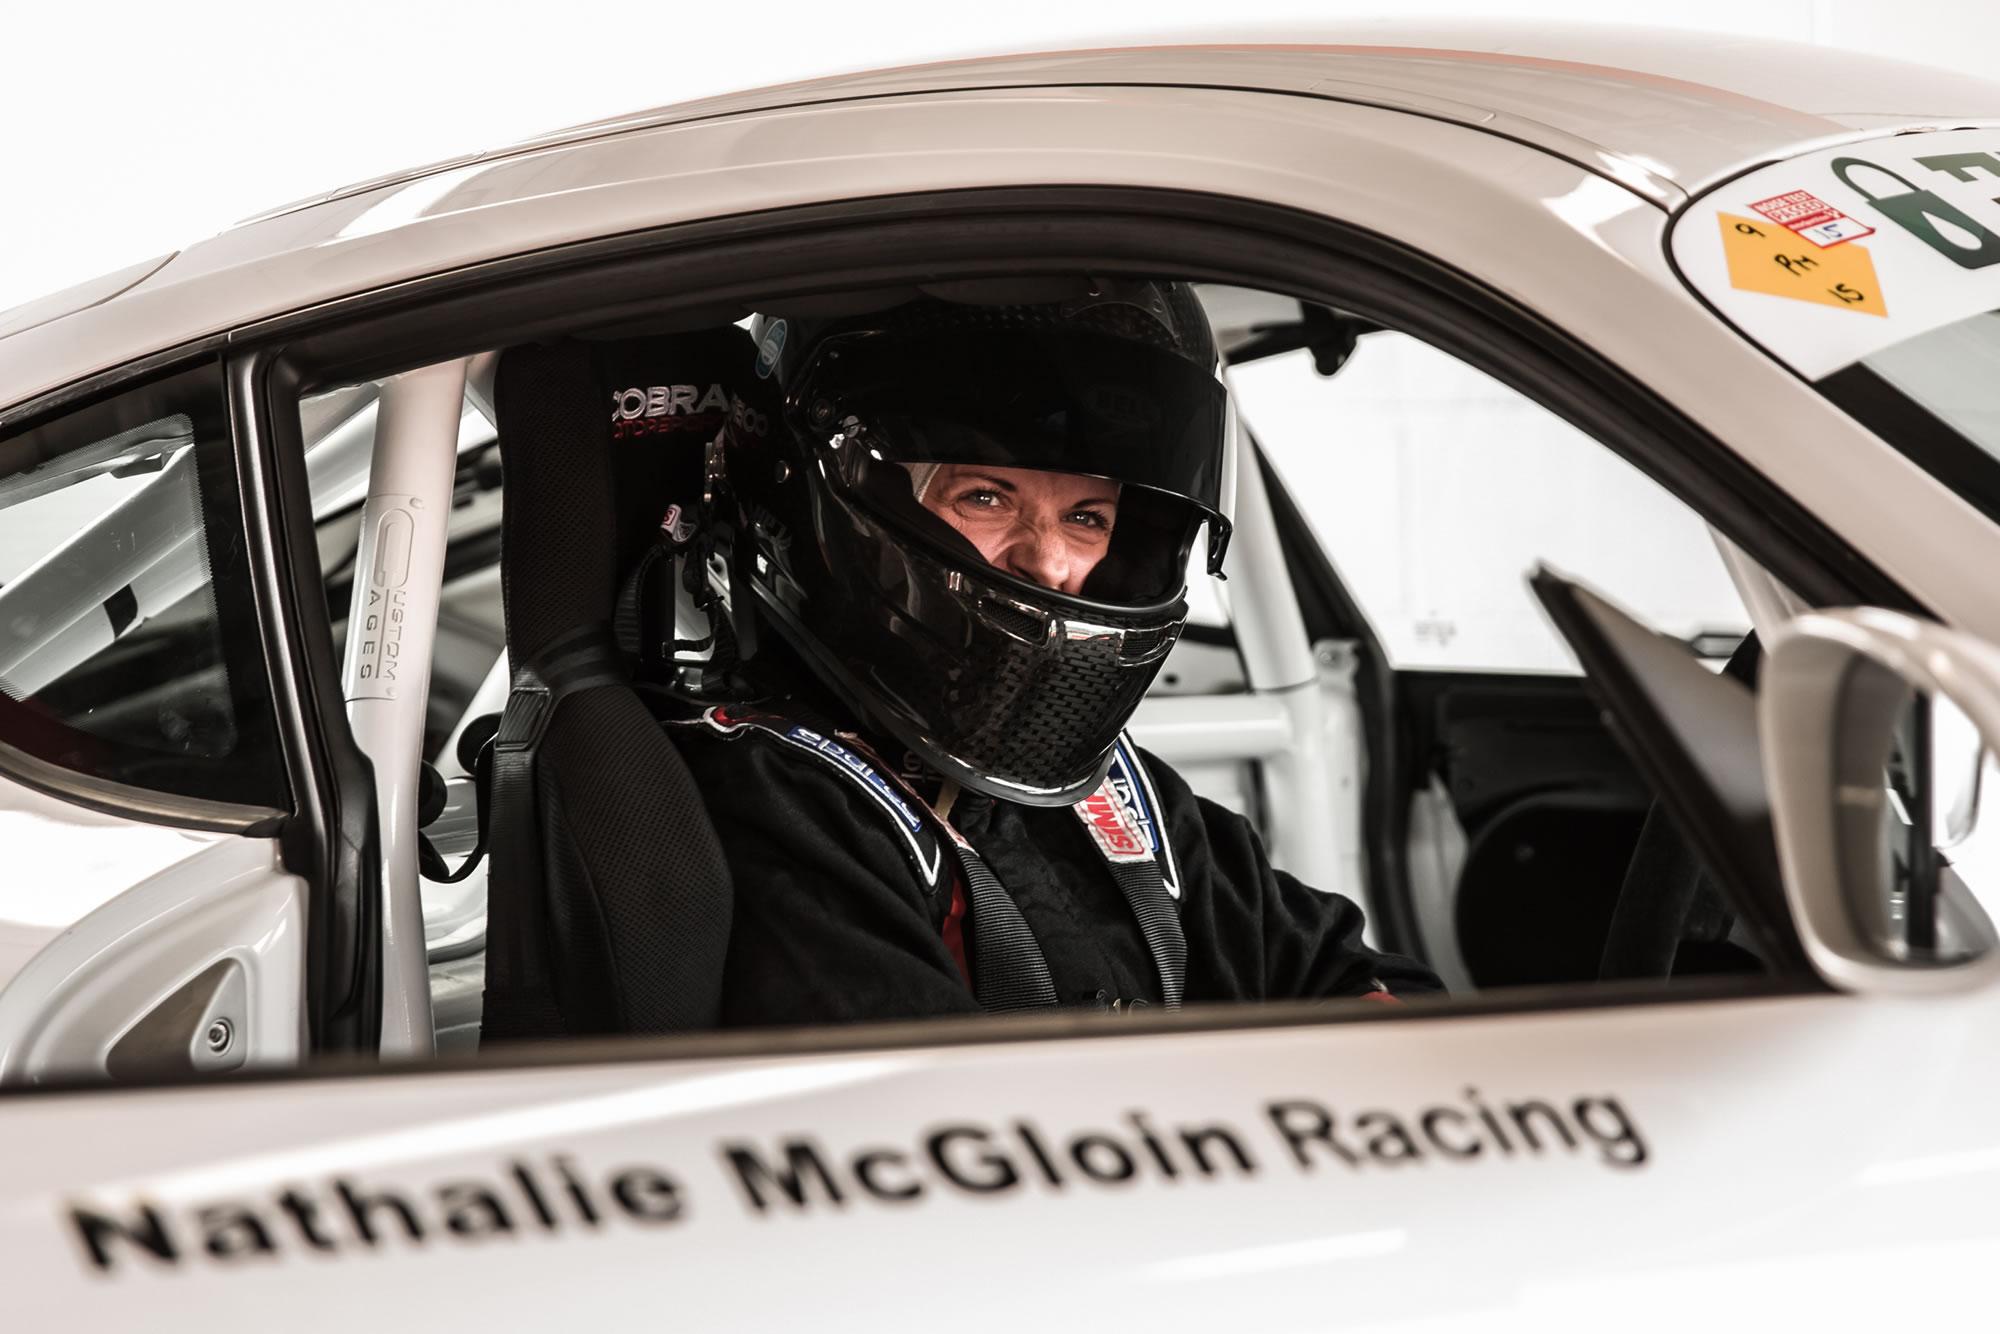 Nathalie_McGloin_Racer_FH2A4125.jpg